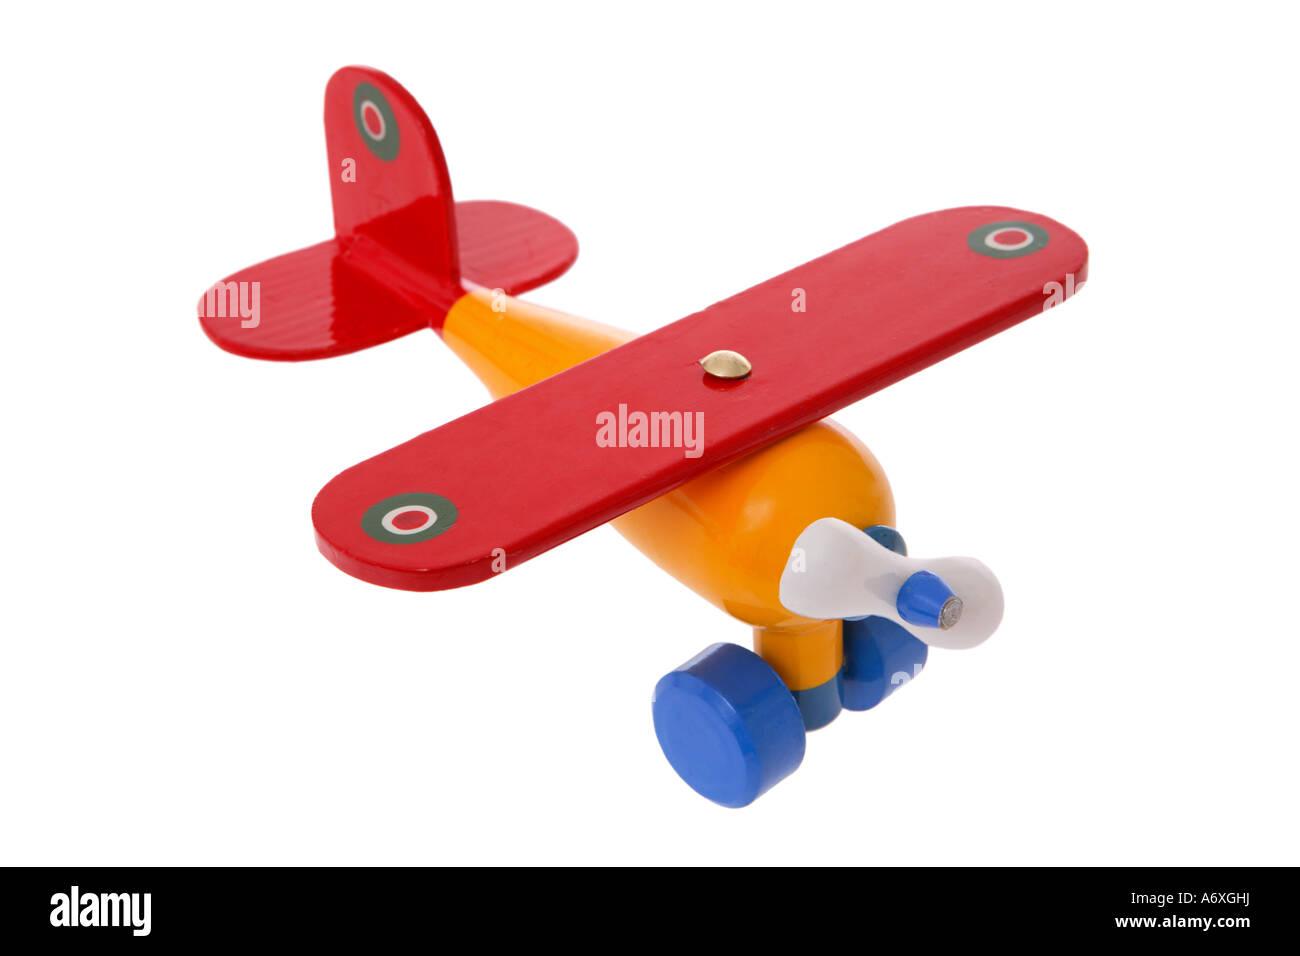 Spielzeugflugzeug ausgeschnitten auf weißem Hintergrund Stockbild